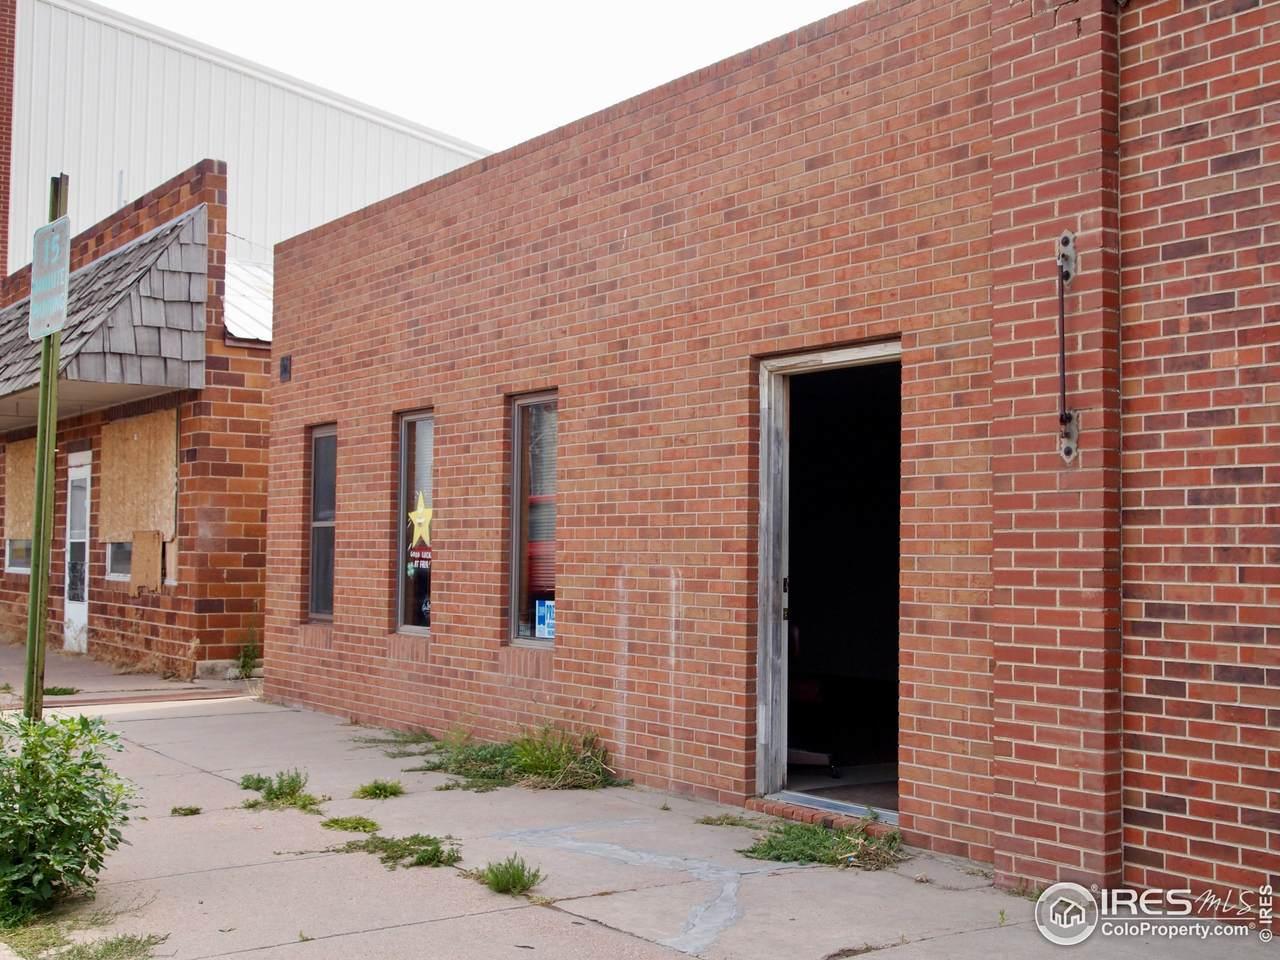 69 Main Ave - Photo 1